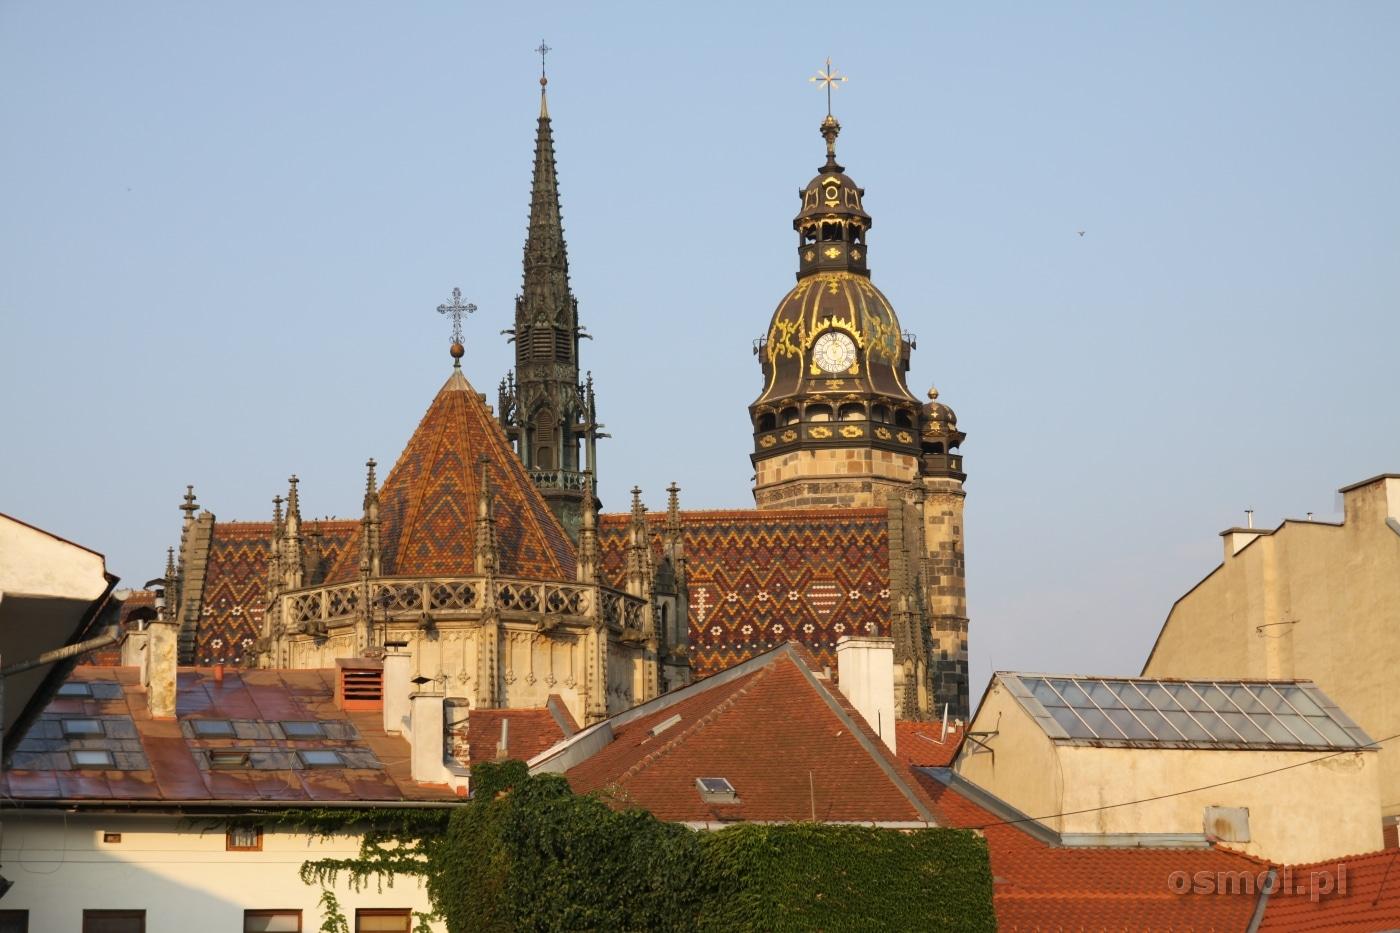 Dach katedry w Koszycach o poranku. Trzeba powiedzieć, że wygląda pięknie! Tak mało wiemy w Polsce o Słowacji, przez co nie doceniamy tego co pod nosem...